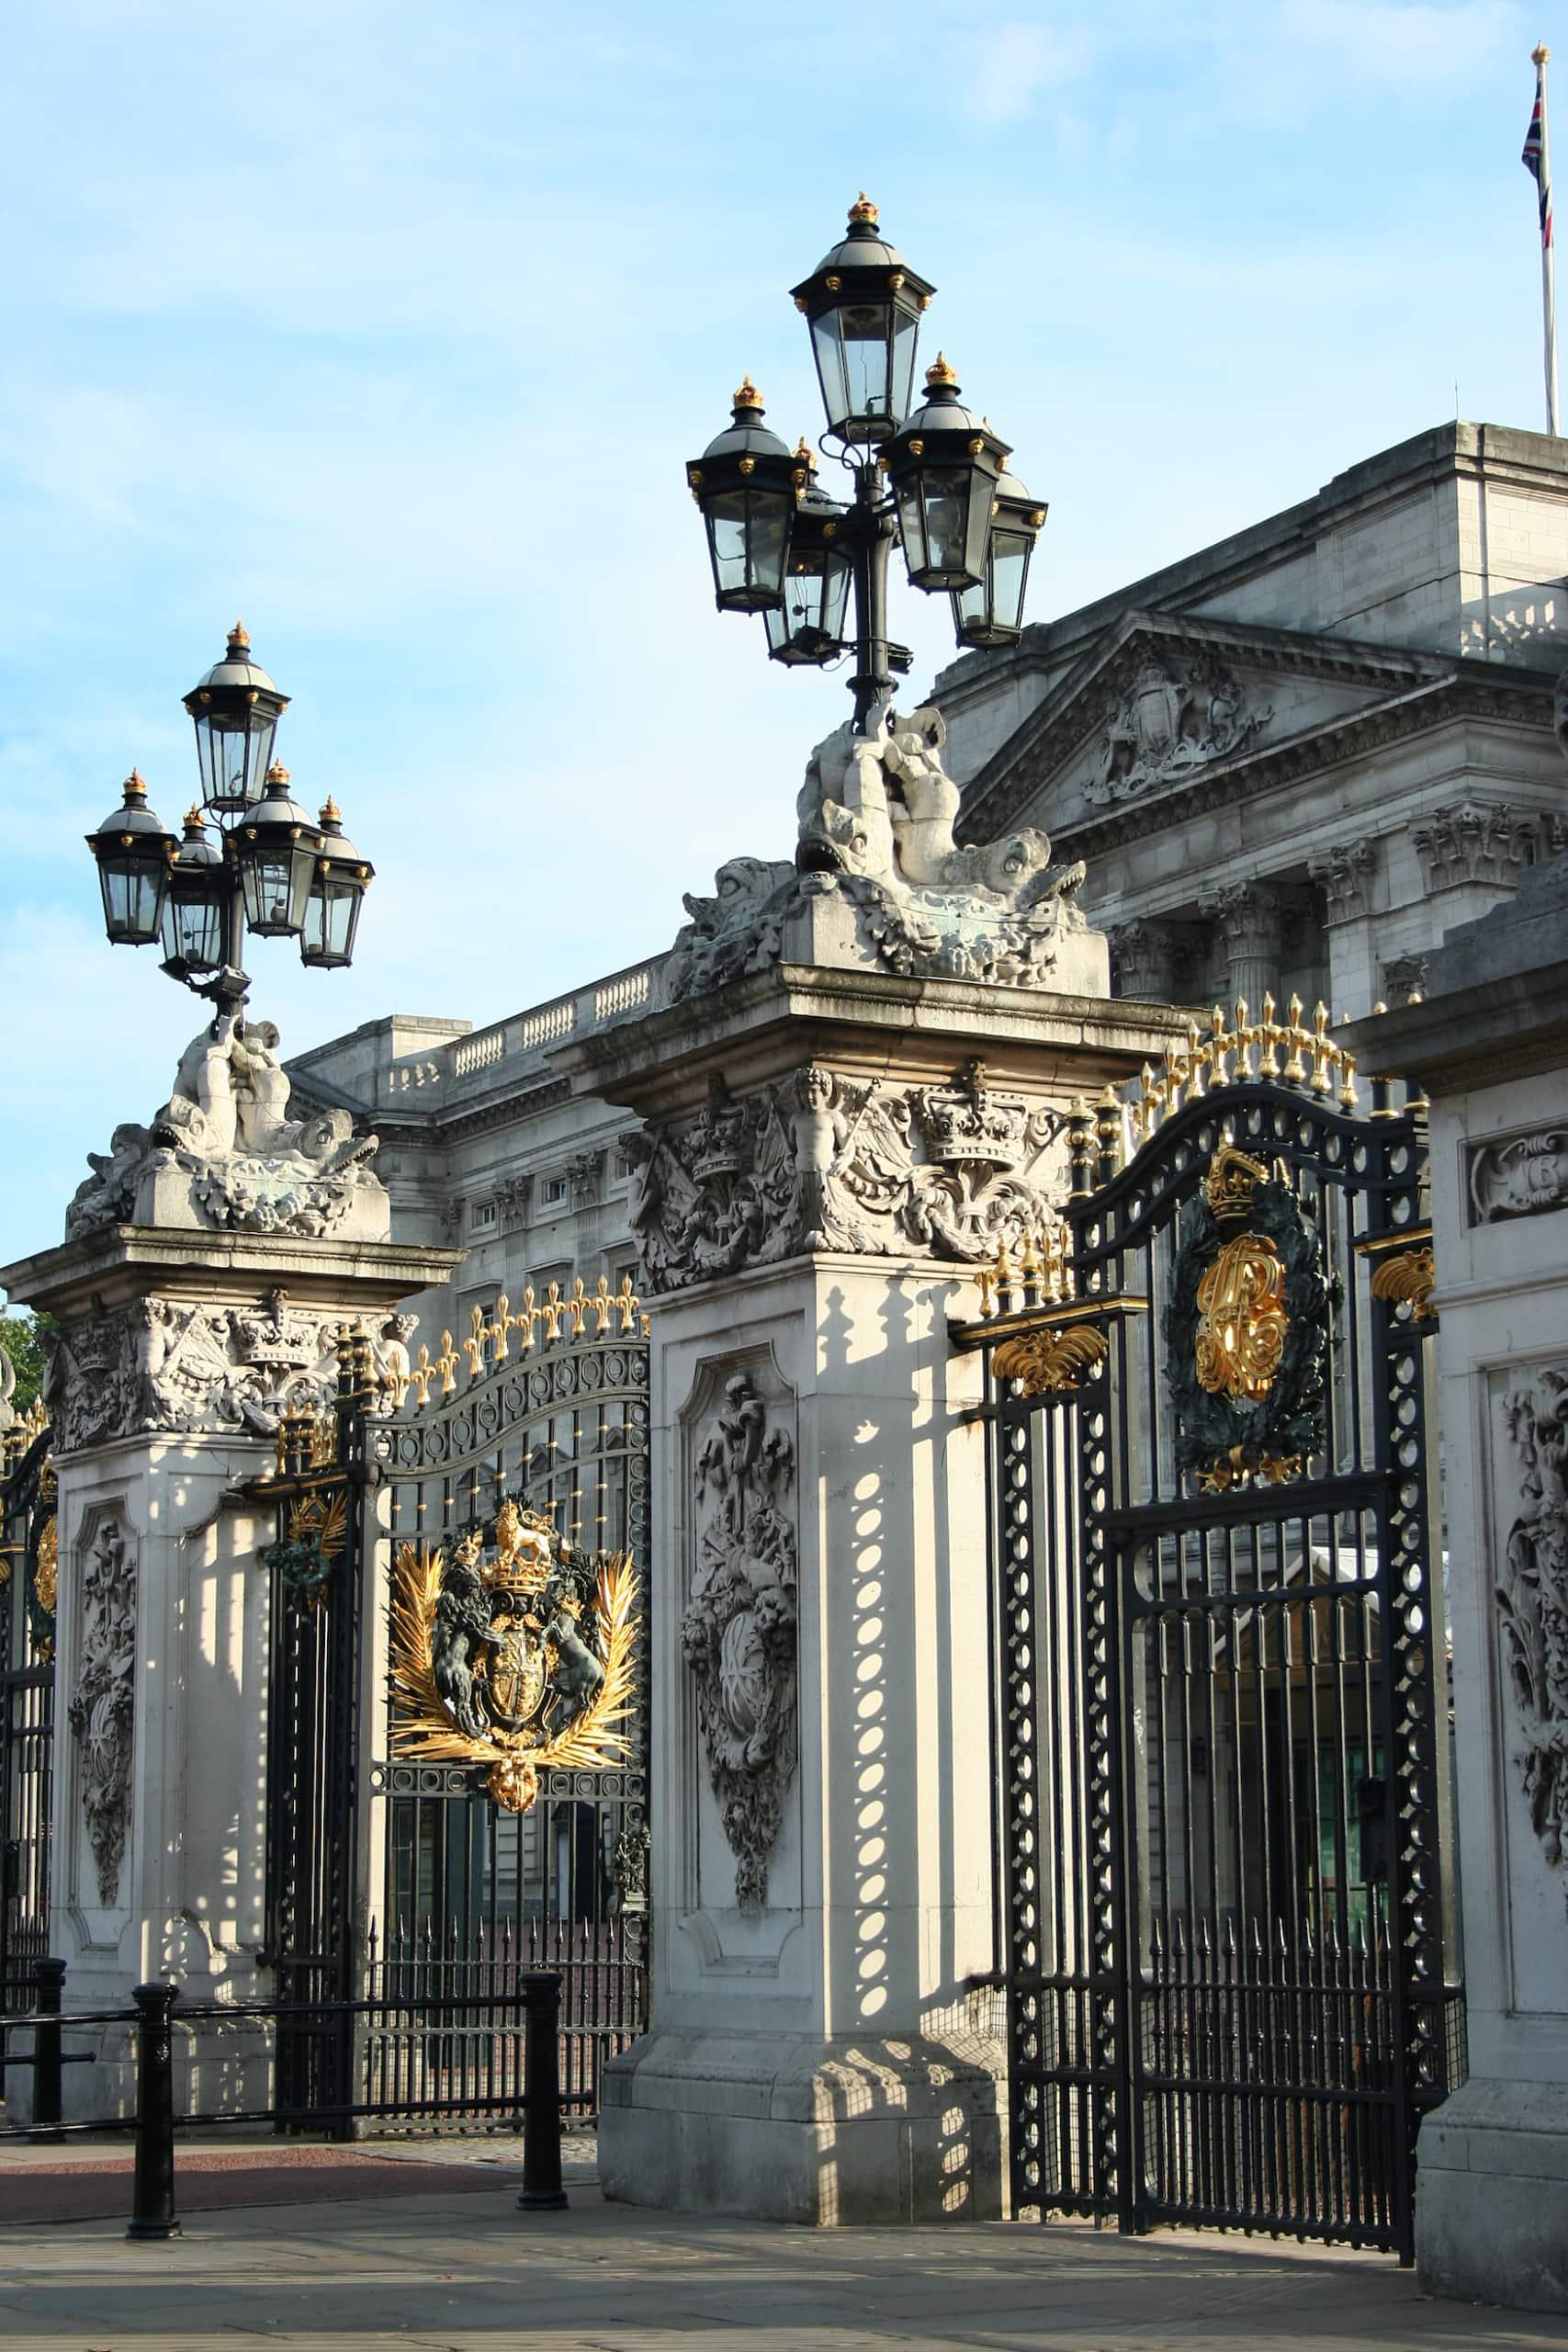 Wappen auf dem Tor des Buckingham Palace. Ein Ort in London, den man mit Kindern auf jeden Fall besuchen sollte